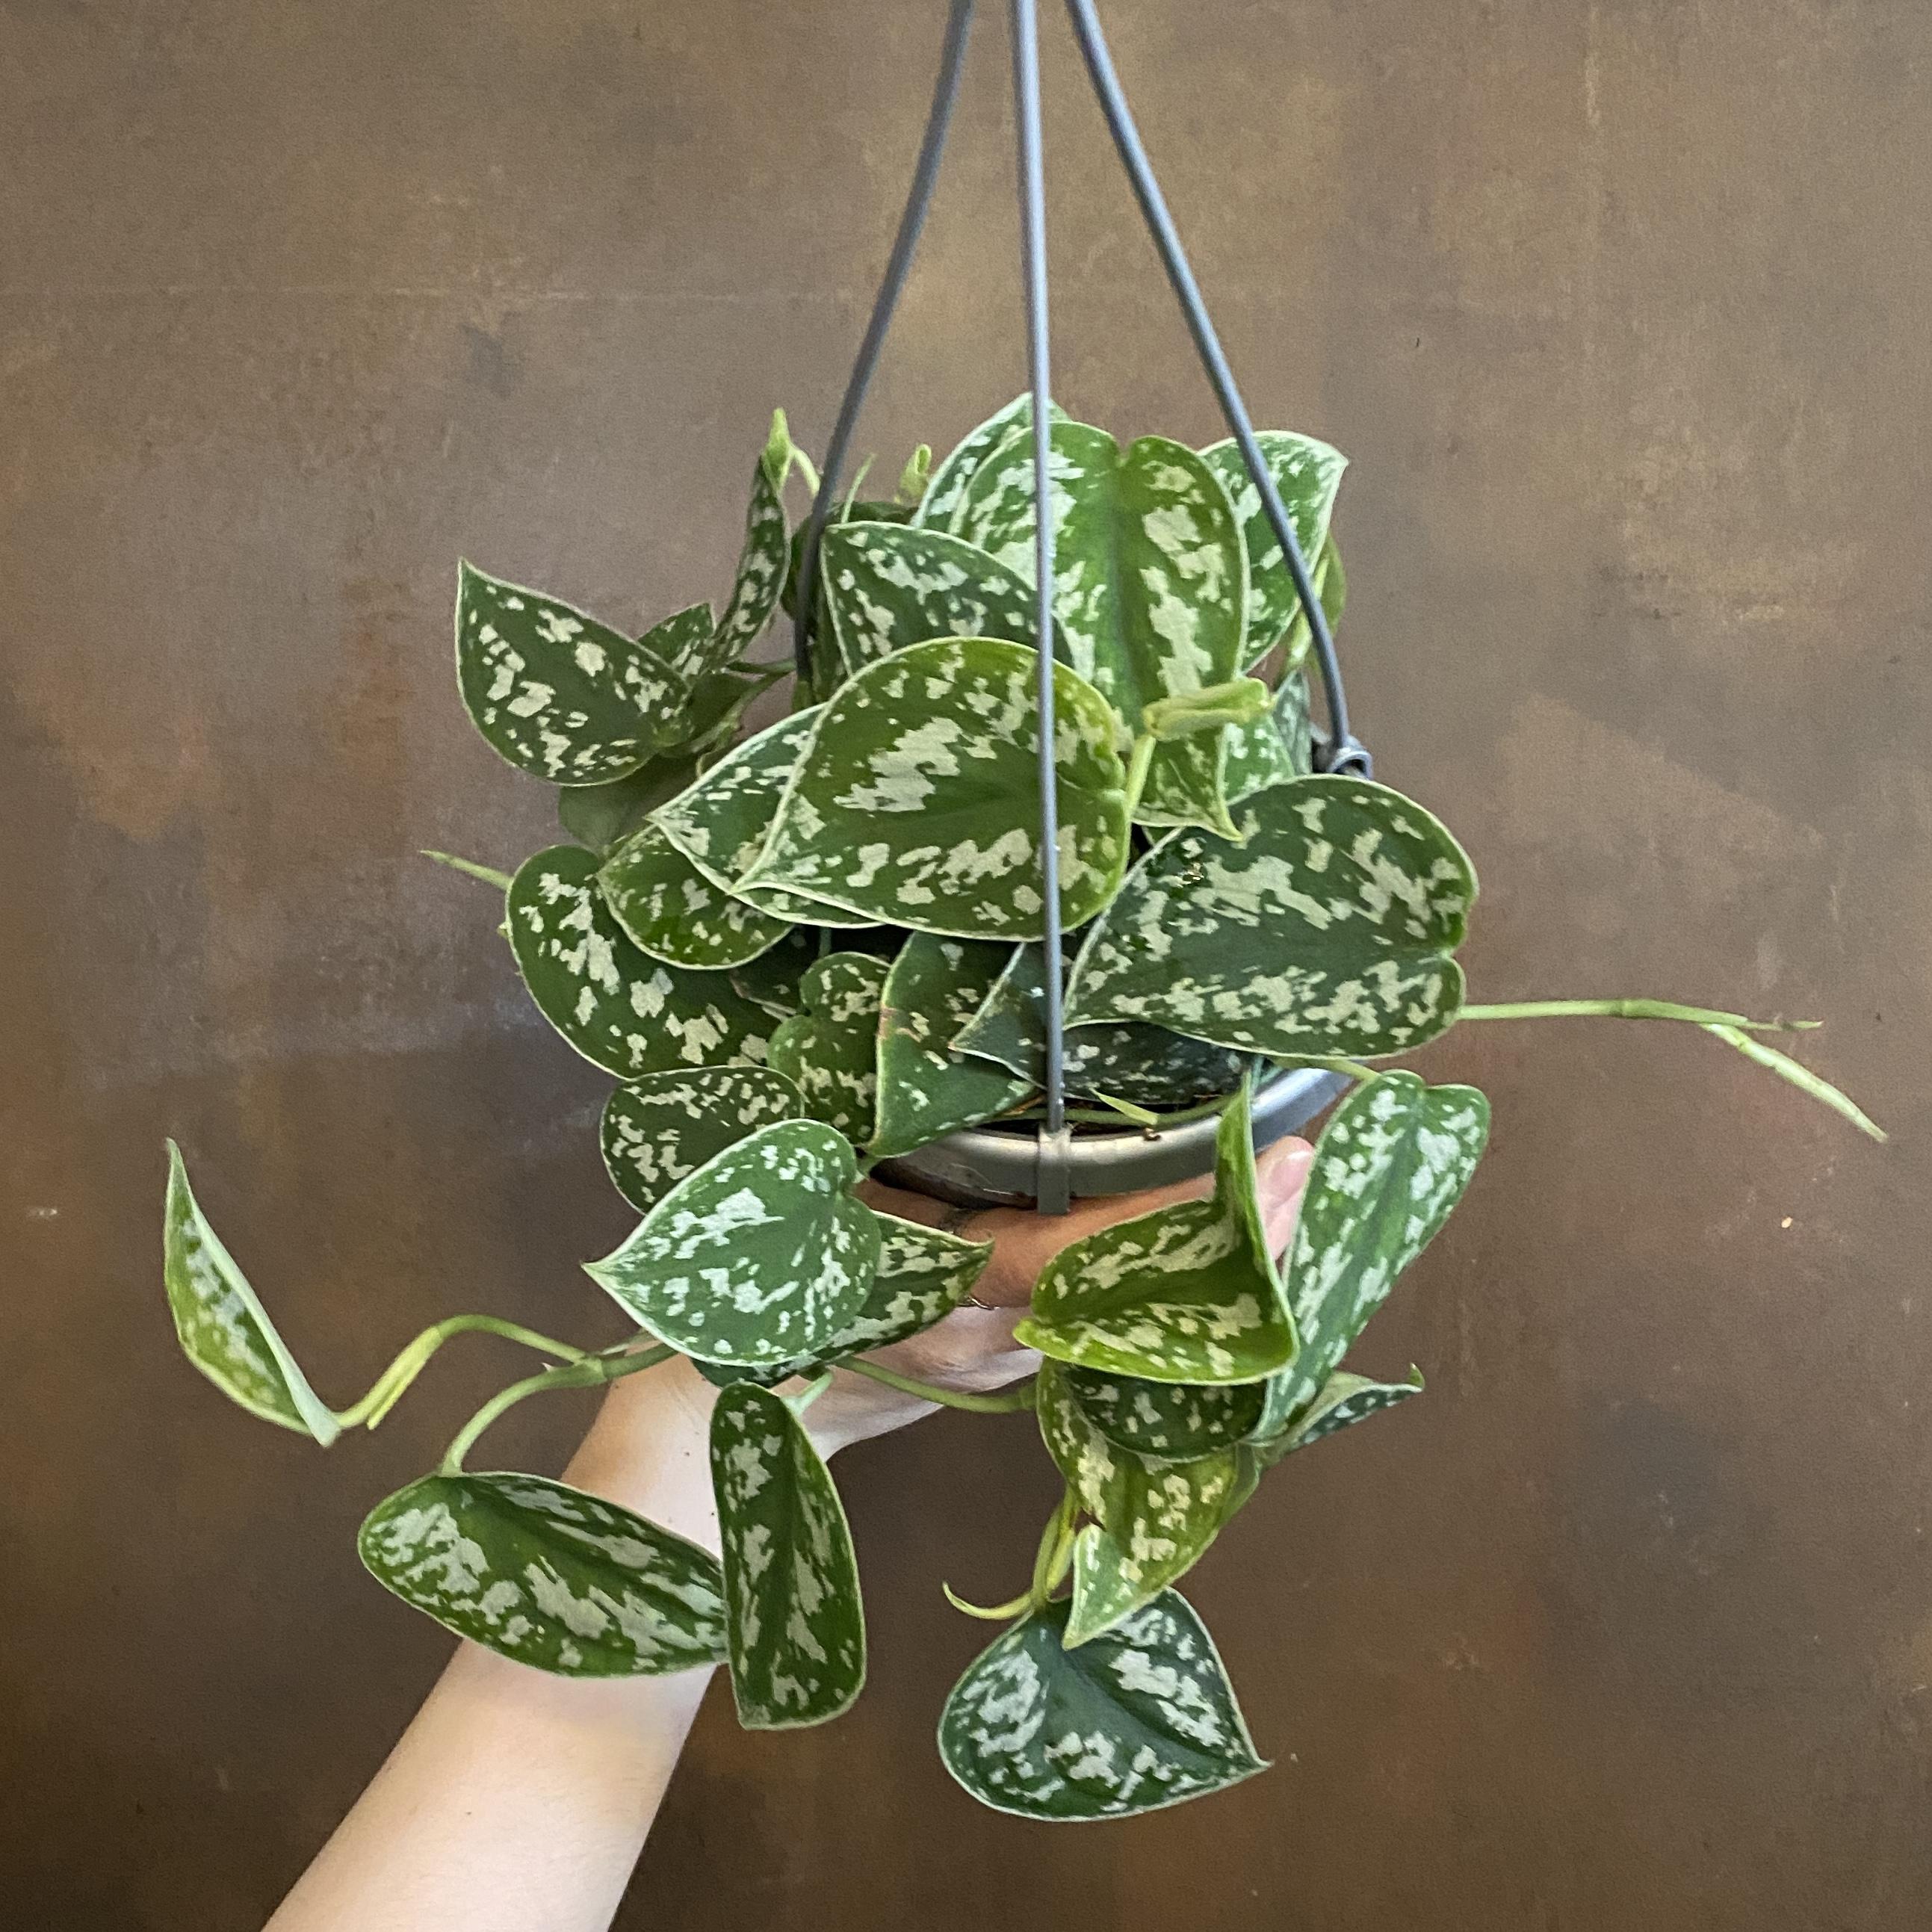 Scindapsus pictus (hangpot)